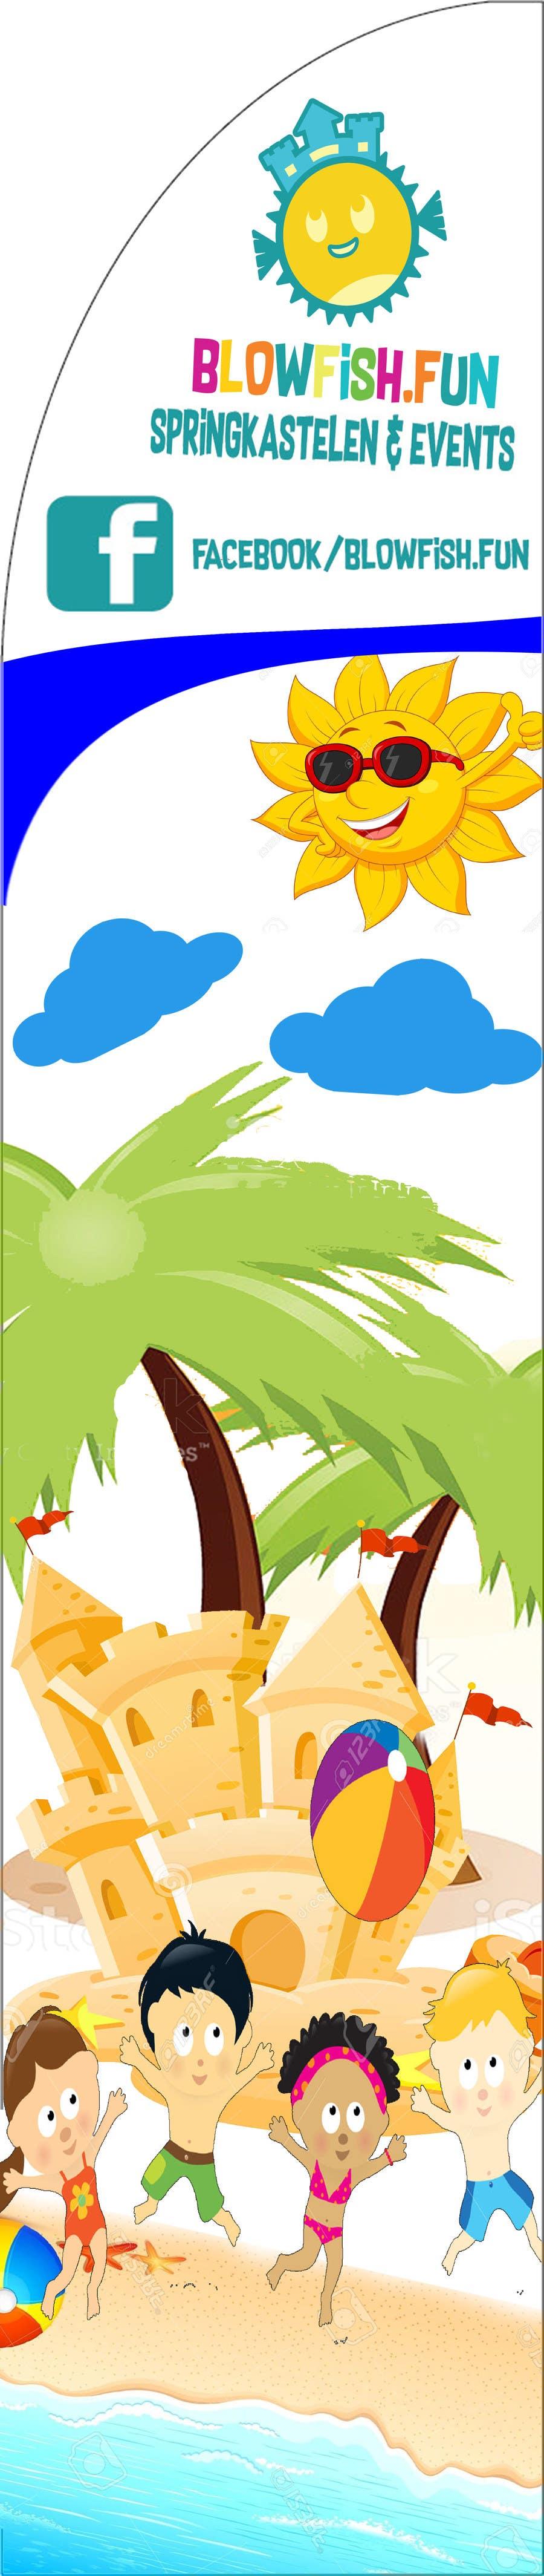 Proposition n°9 du concours Beachflag-design